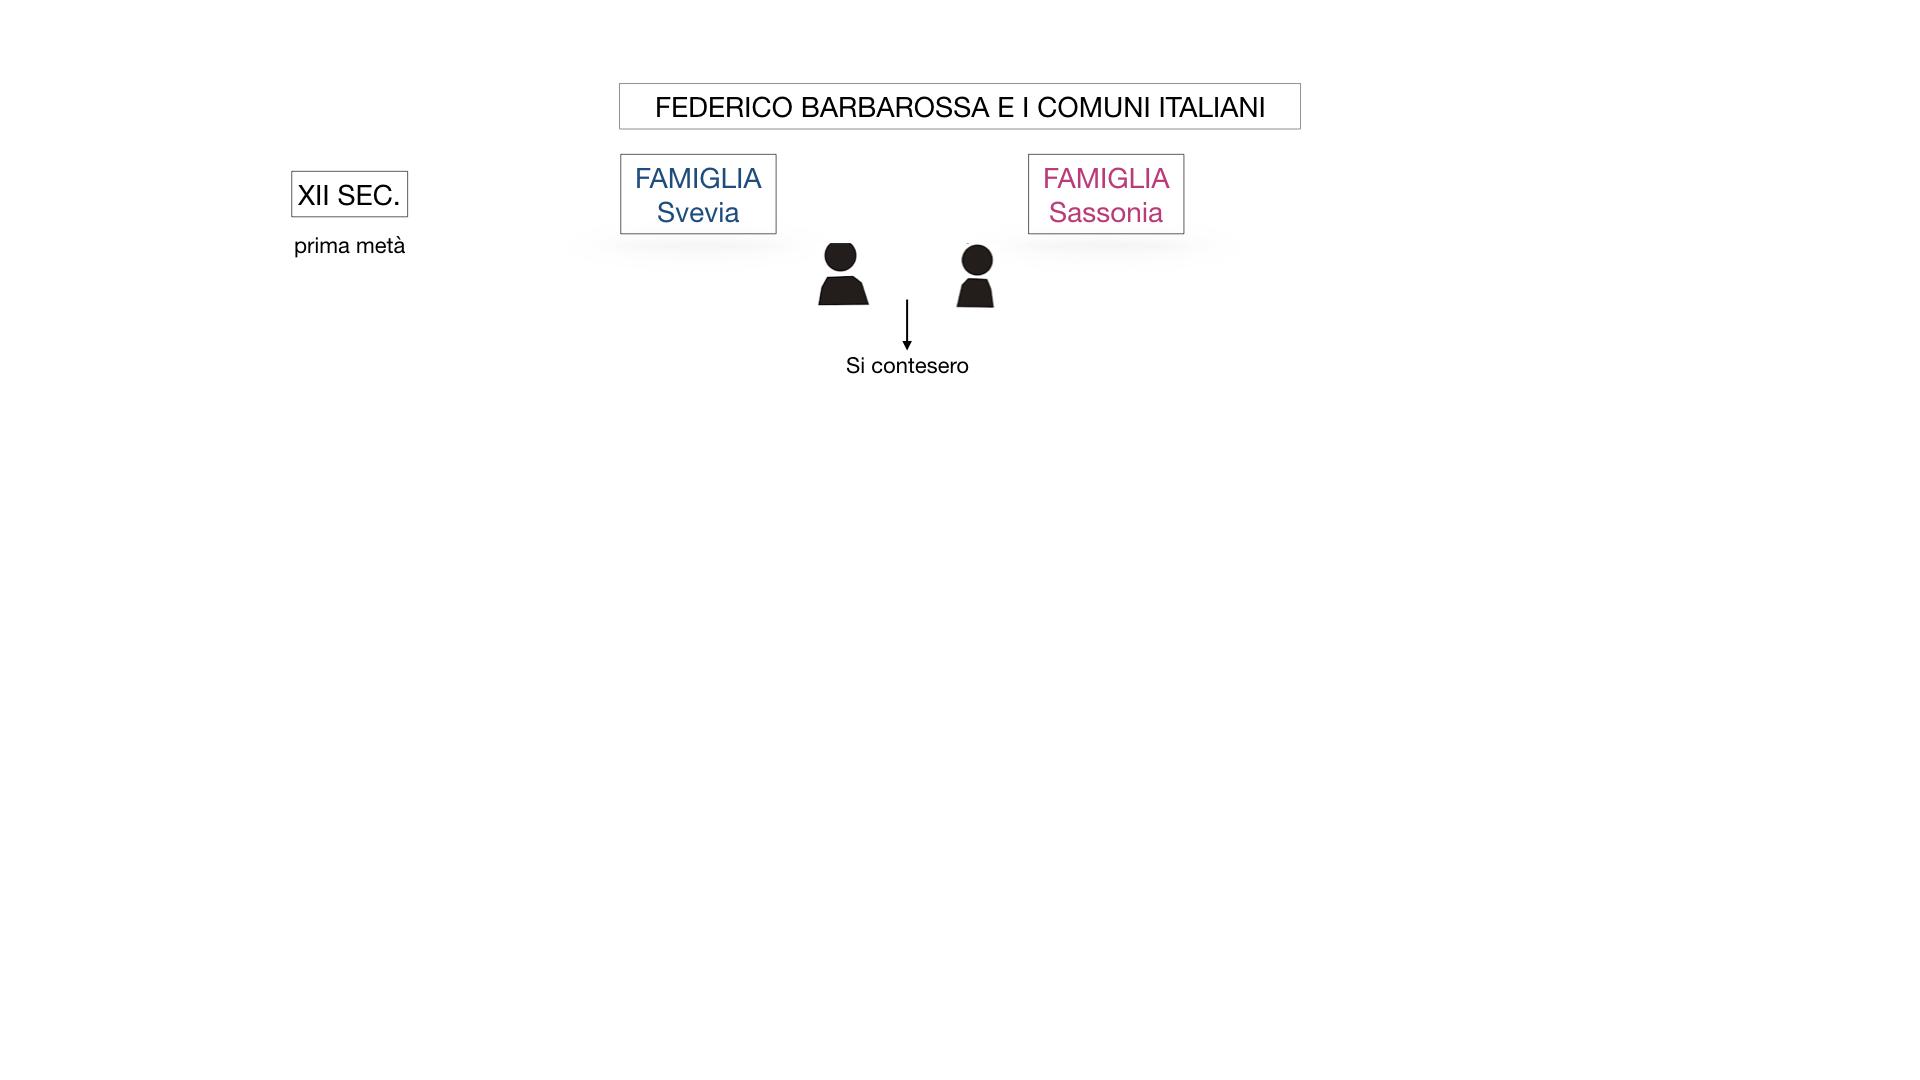 STORIA FEDERICO BARBAROSSA-MOVIMENTI RELIGIOSI_SIMULAZIONE_estesa.005